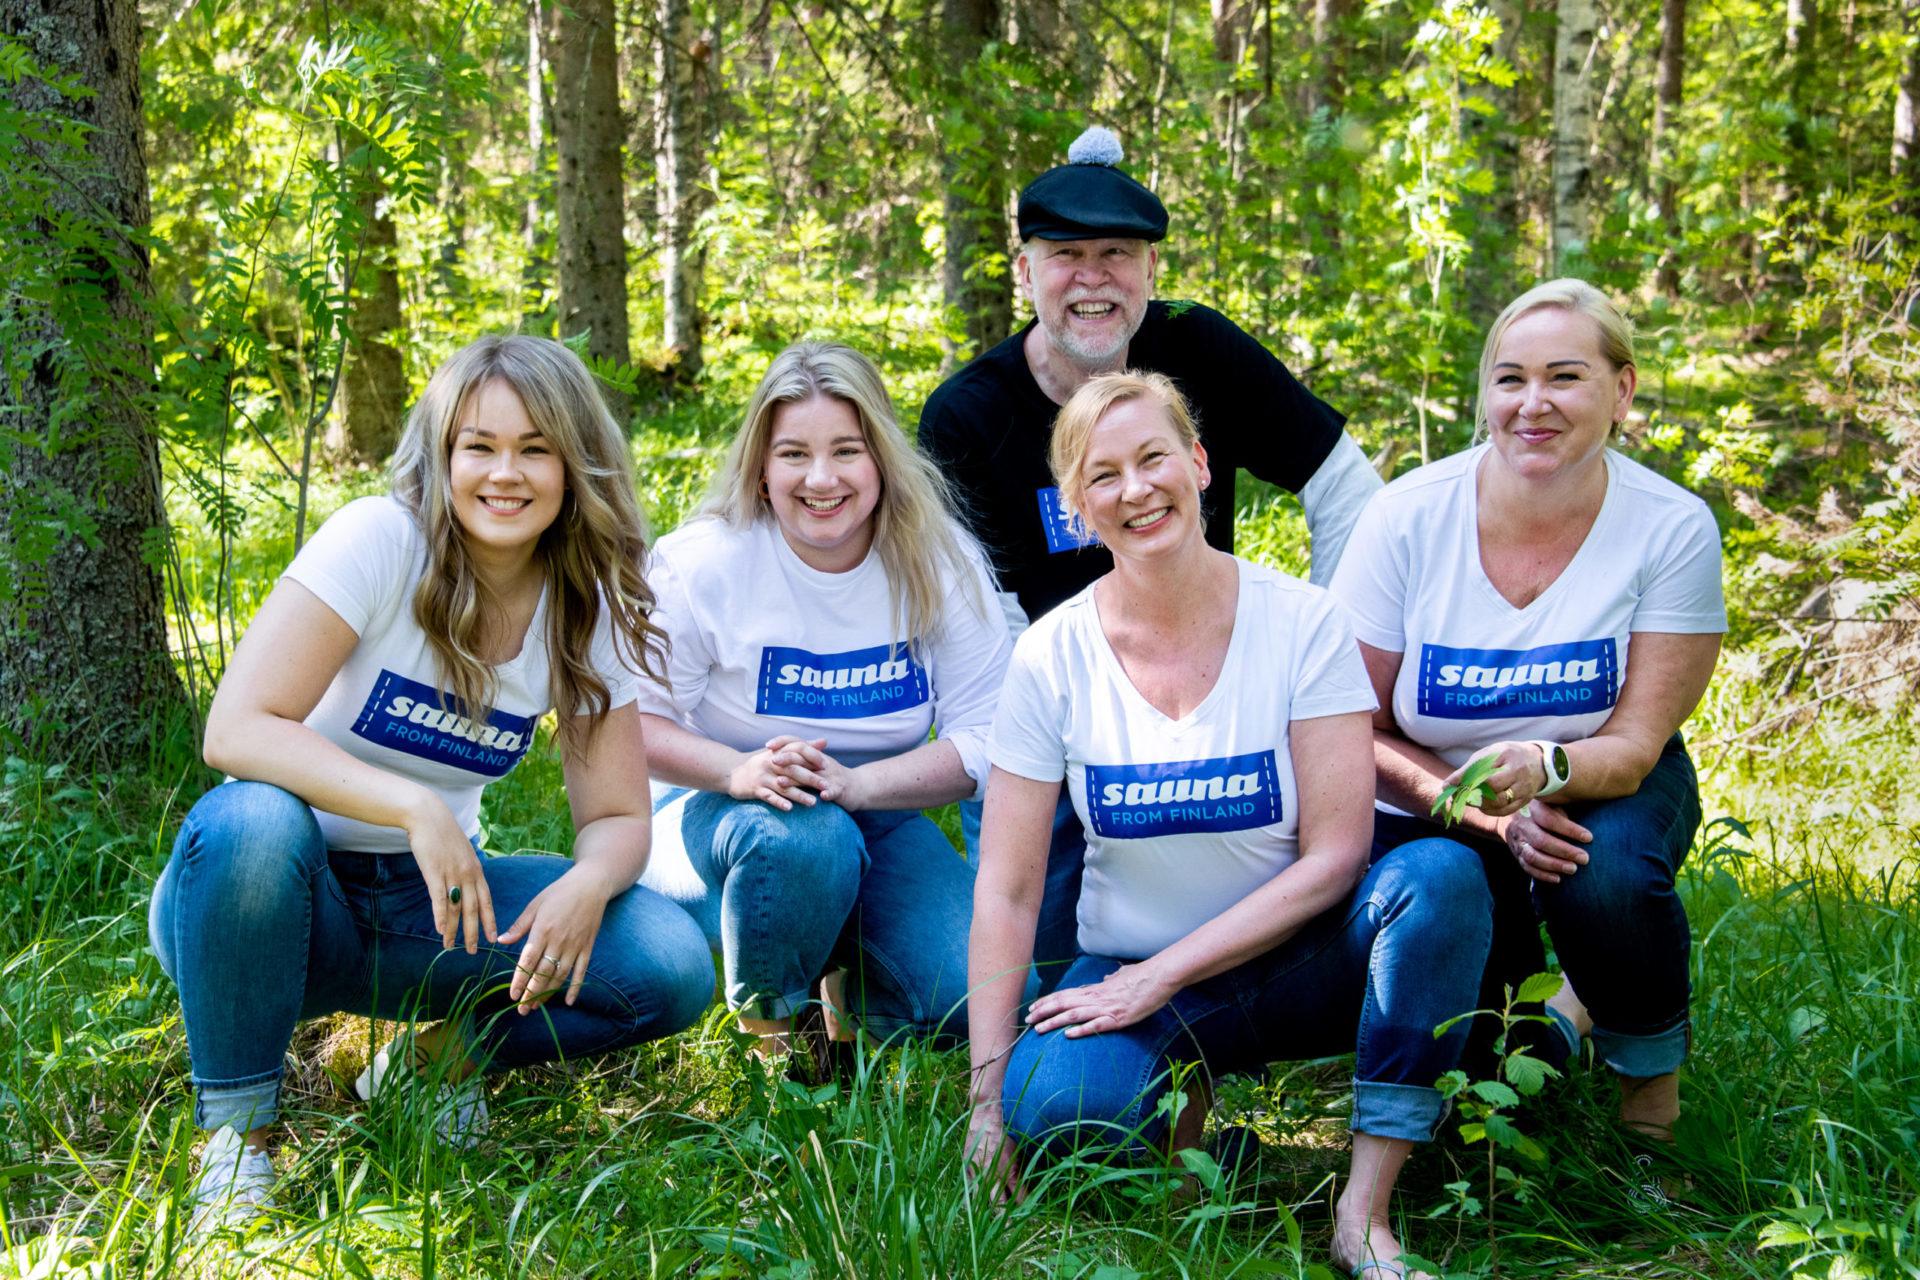 Sauna from Finland team